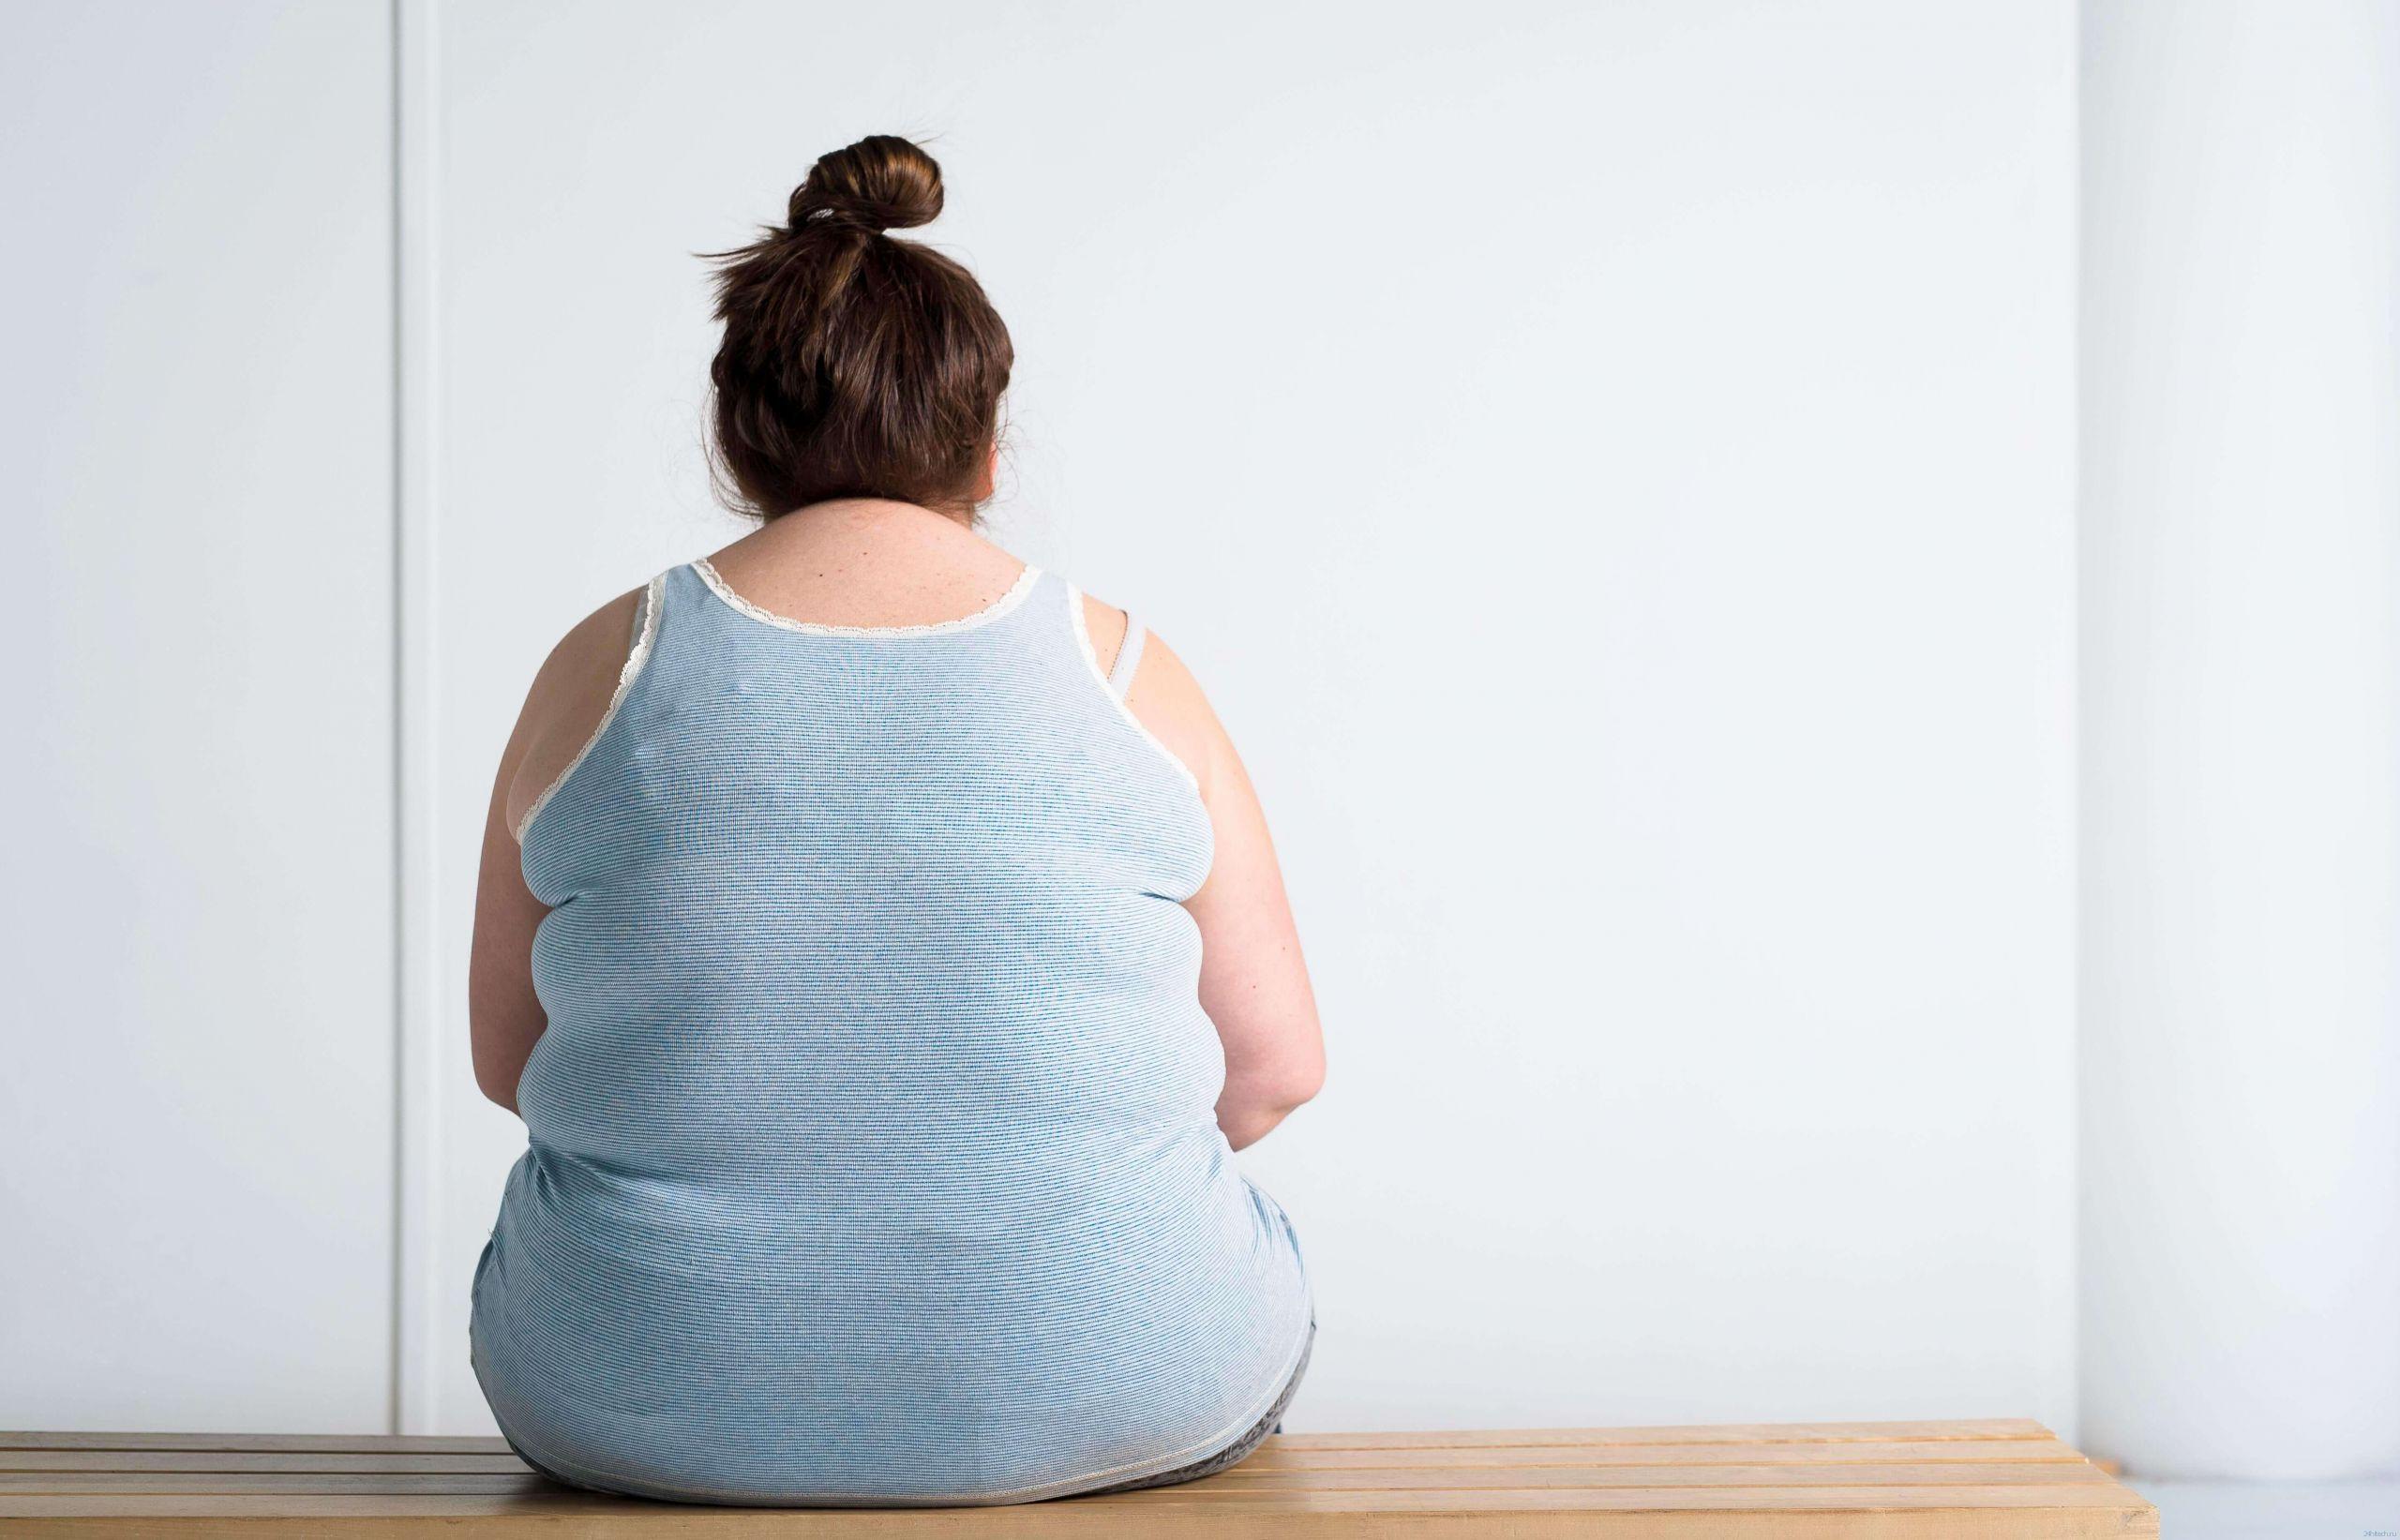 Смотреть сбросить лишний вес 1 сезон